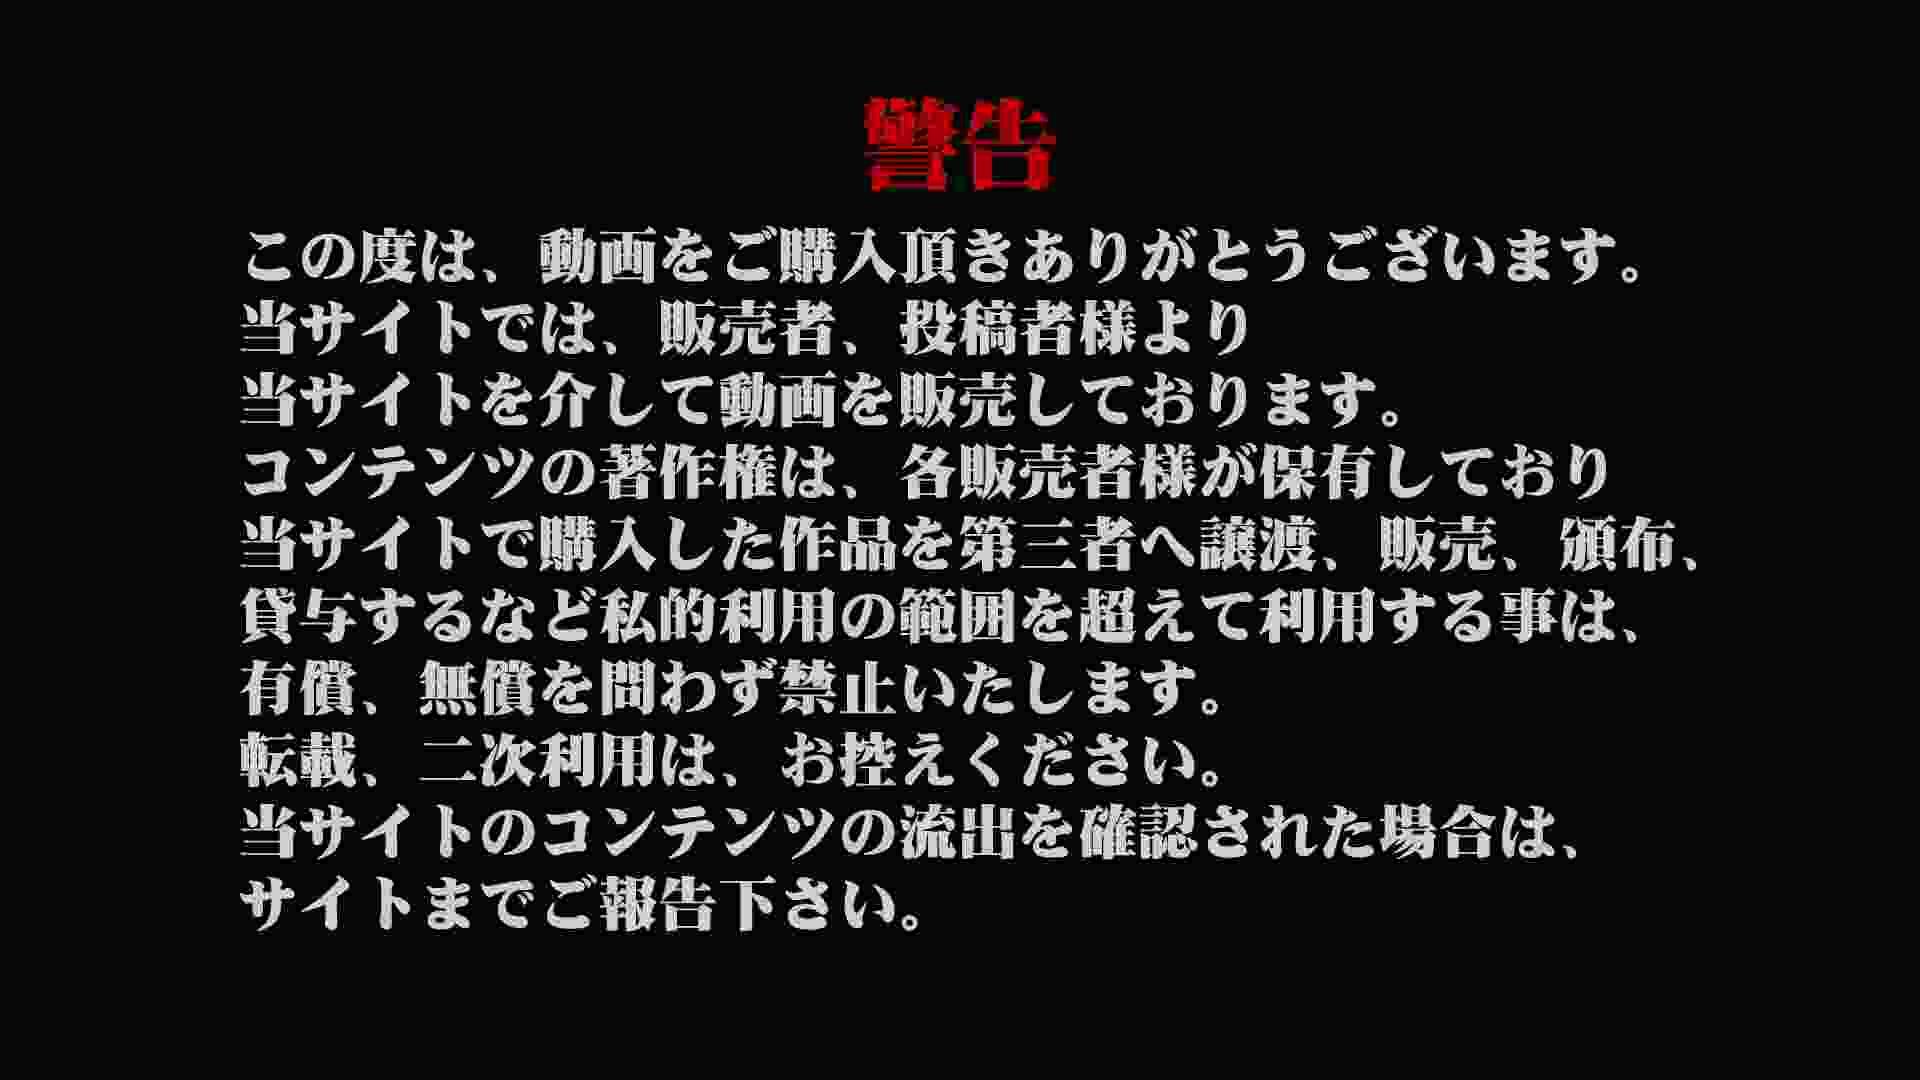 ギャルのツルピカ潜入盗撮!Vol.10 ギャル盗撮映像   潜入  75PIX 1